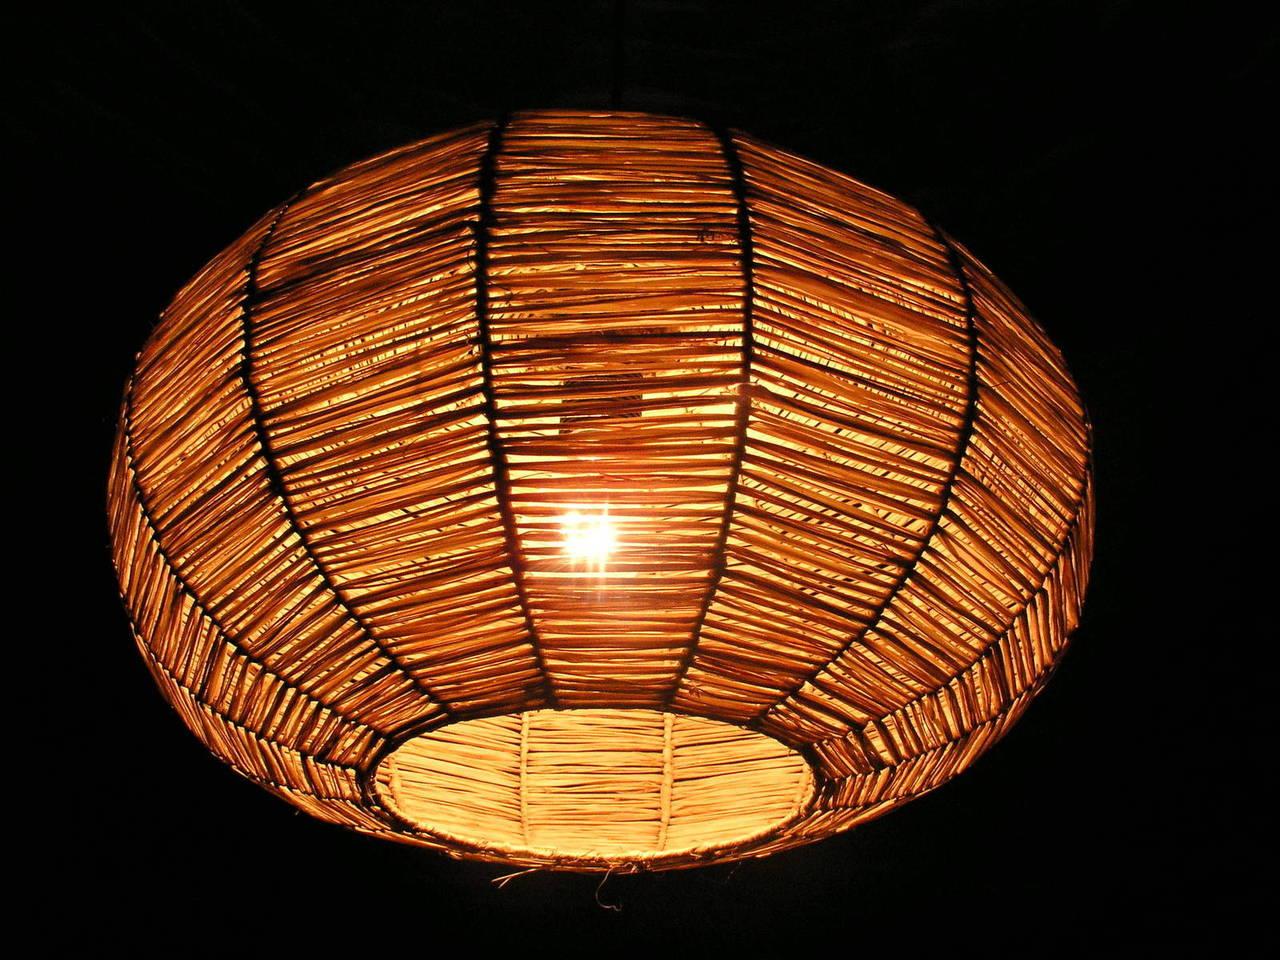 Nowoczesne lampy do salonu – naturalne materiały czy finezyjny kształt